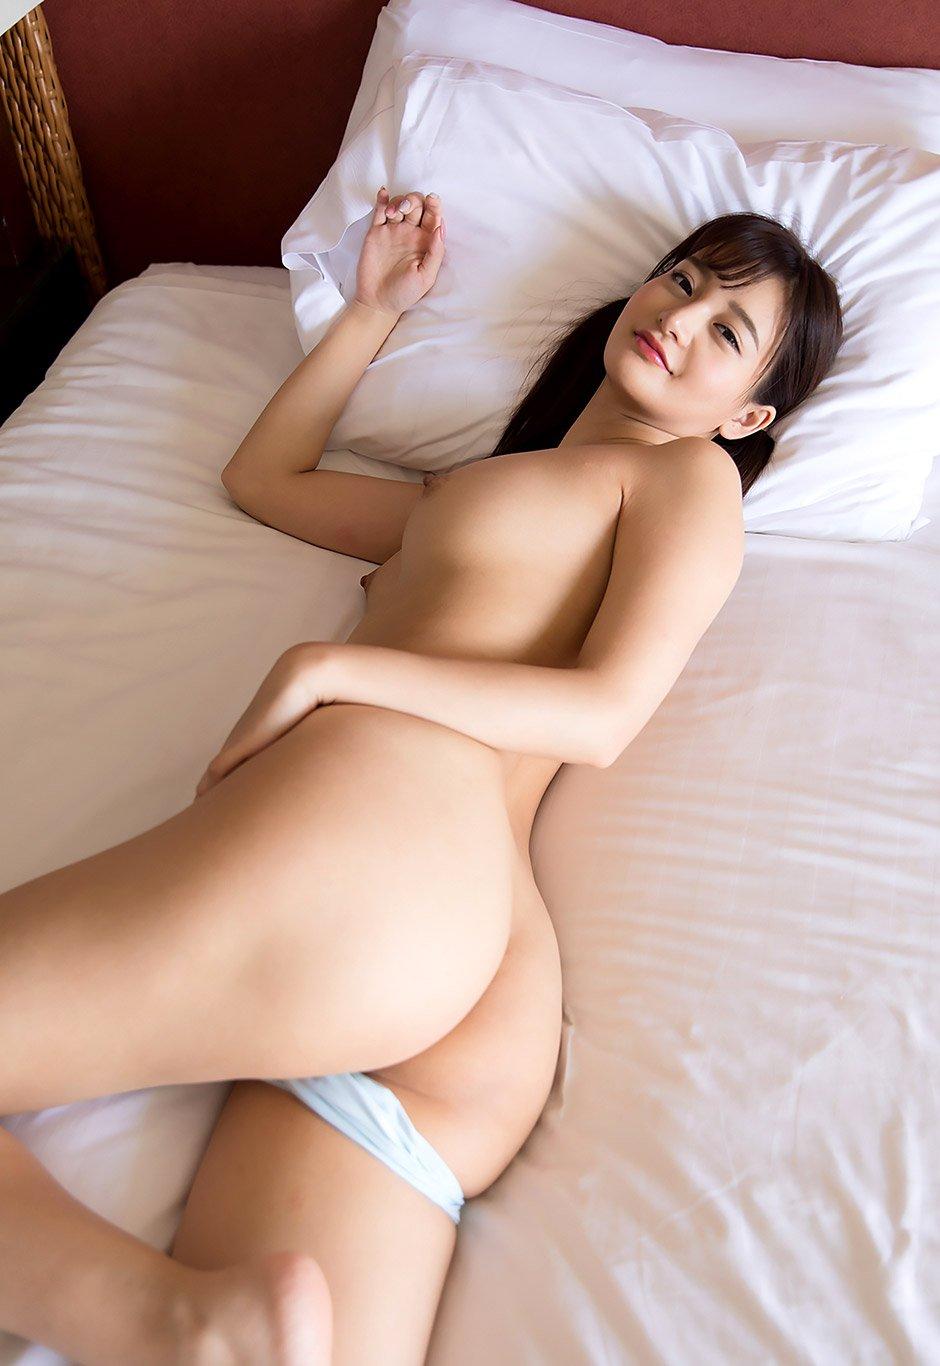 美尻女性のバックショット (7)